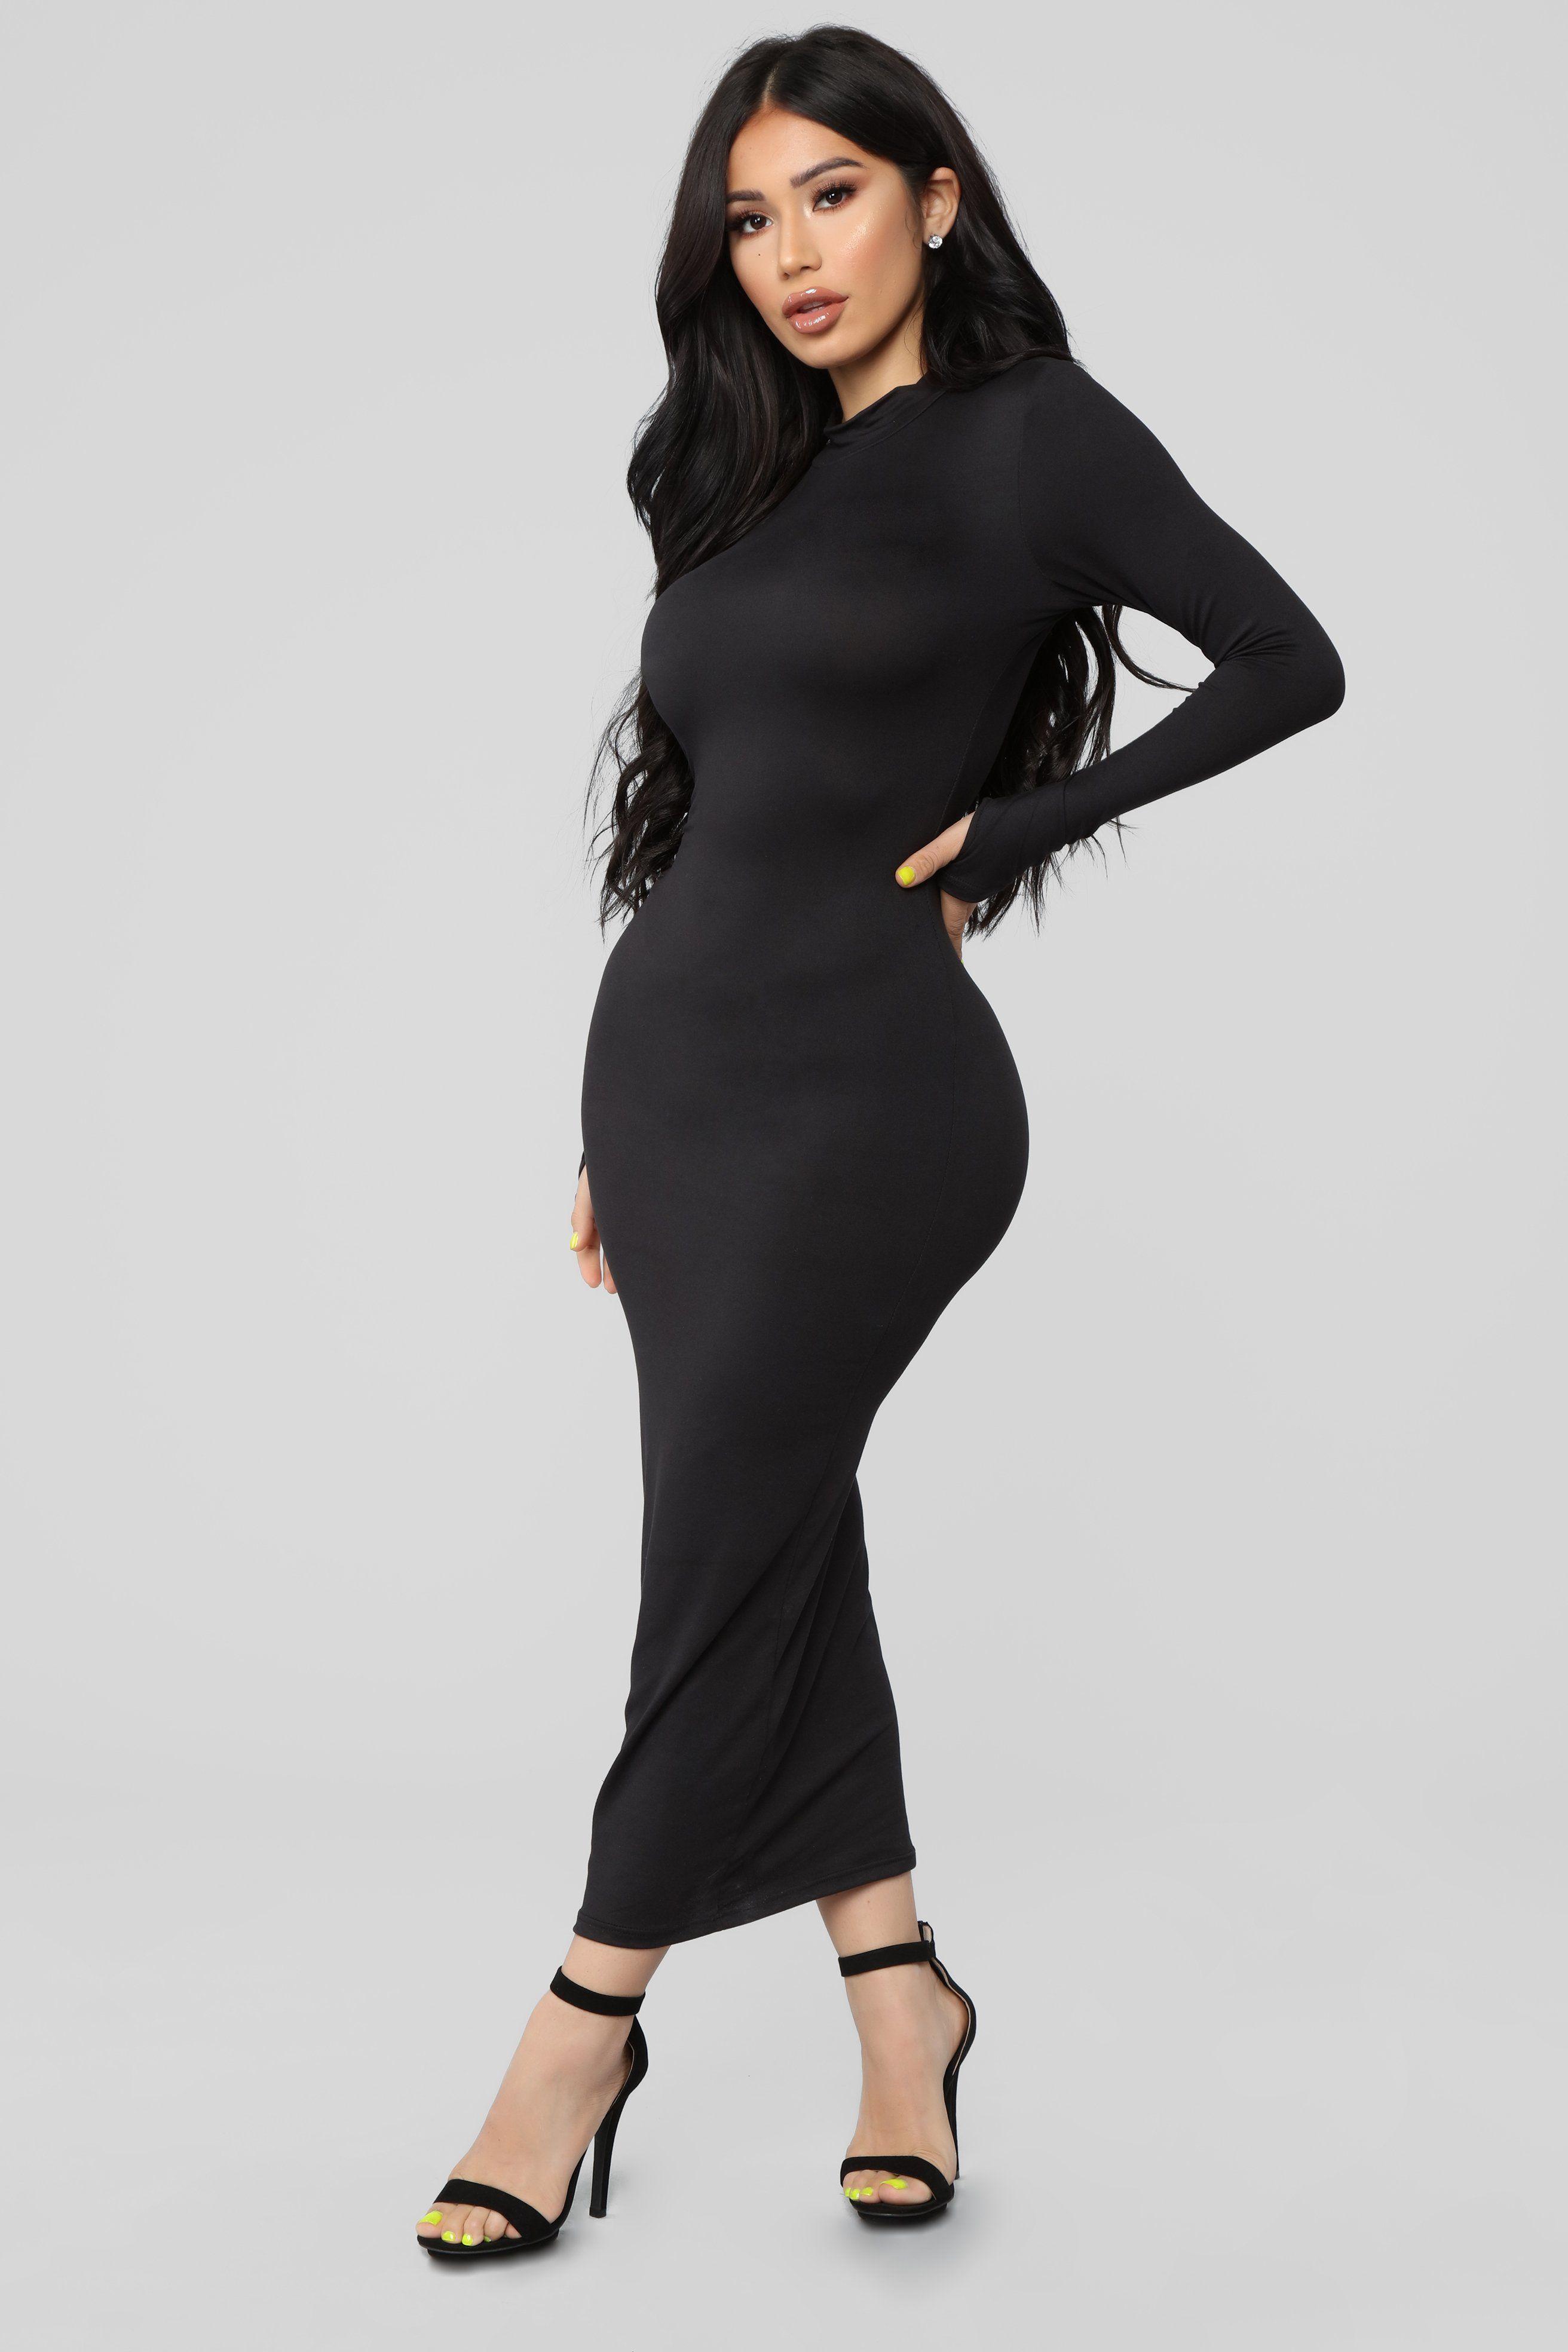 Full Coverage Maxi Dress Black in 2020 Maxi dress